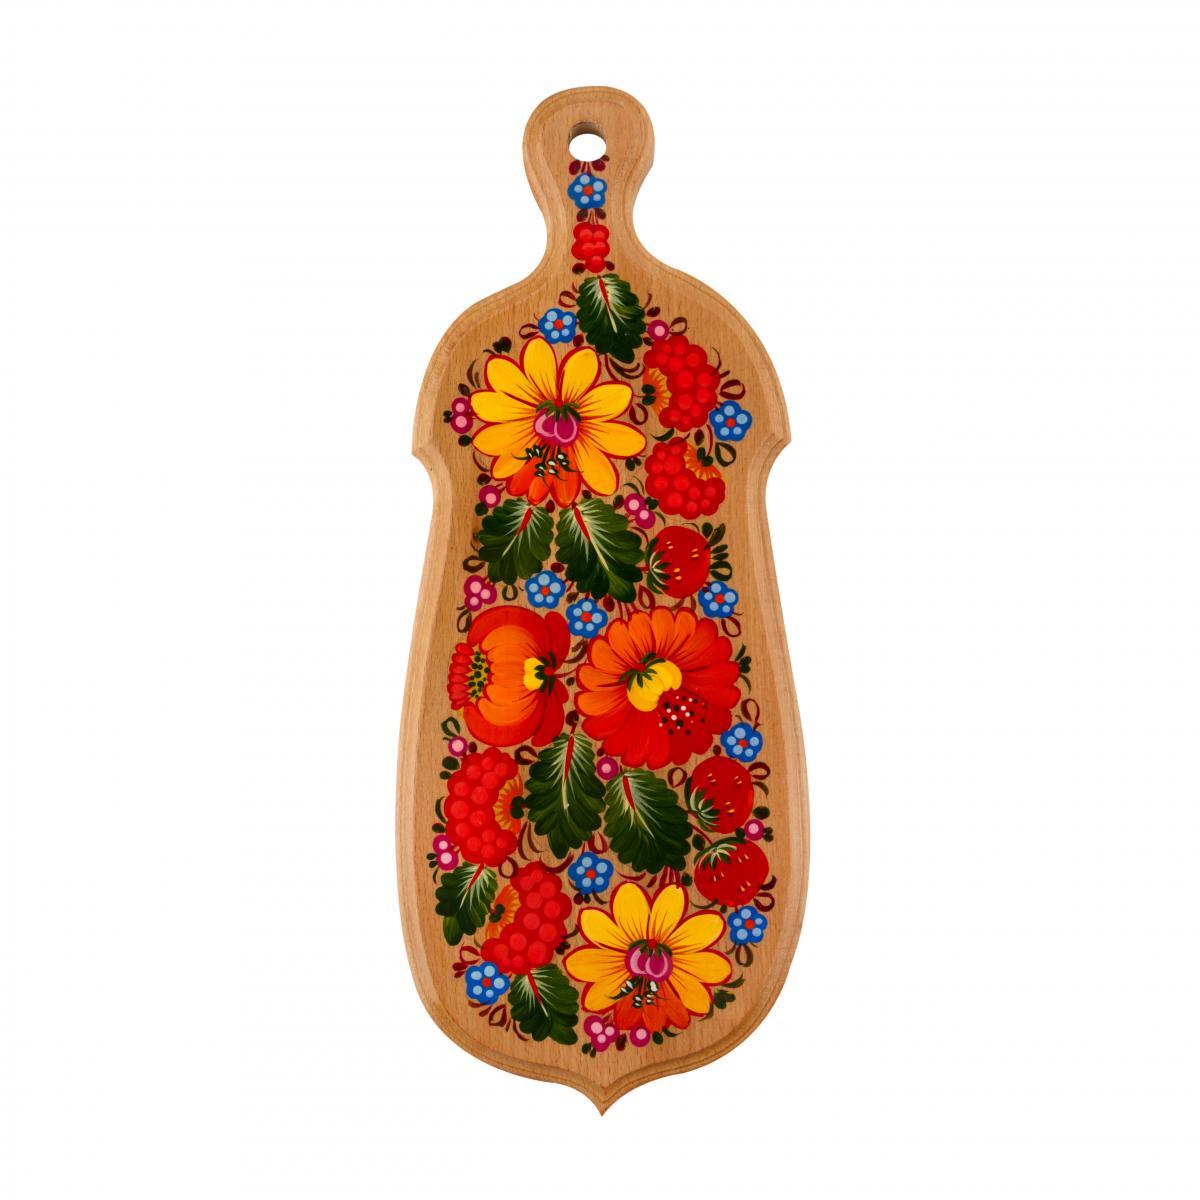 Расписная дощечка с красочными цветами, 26 см